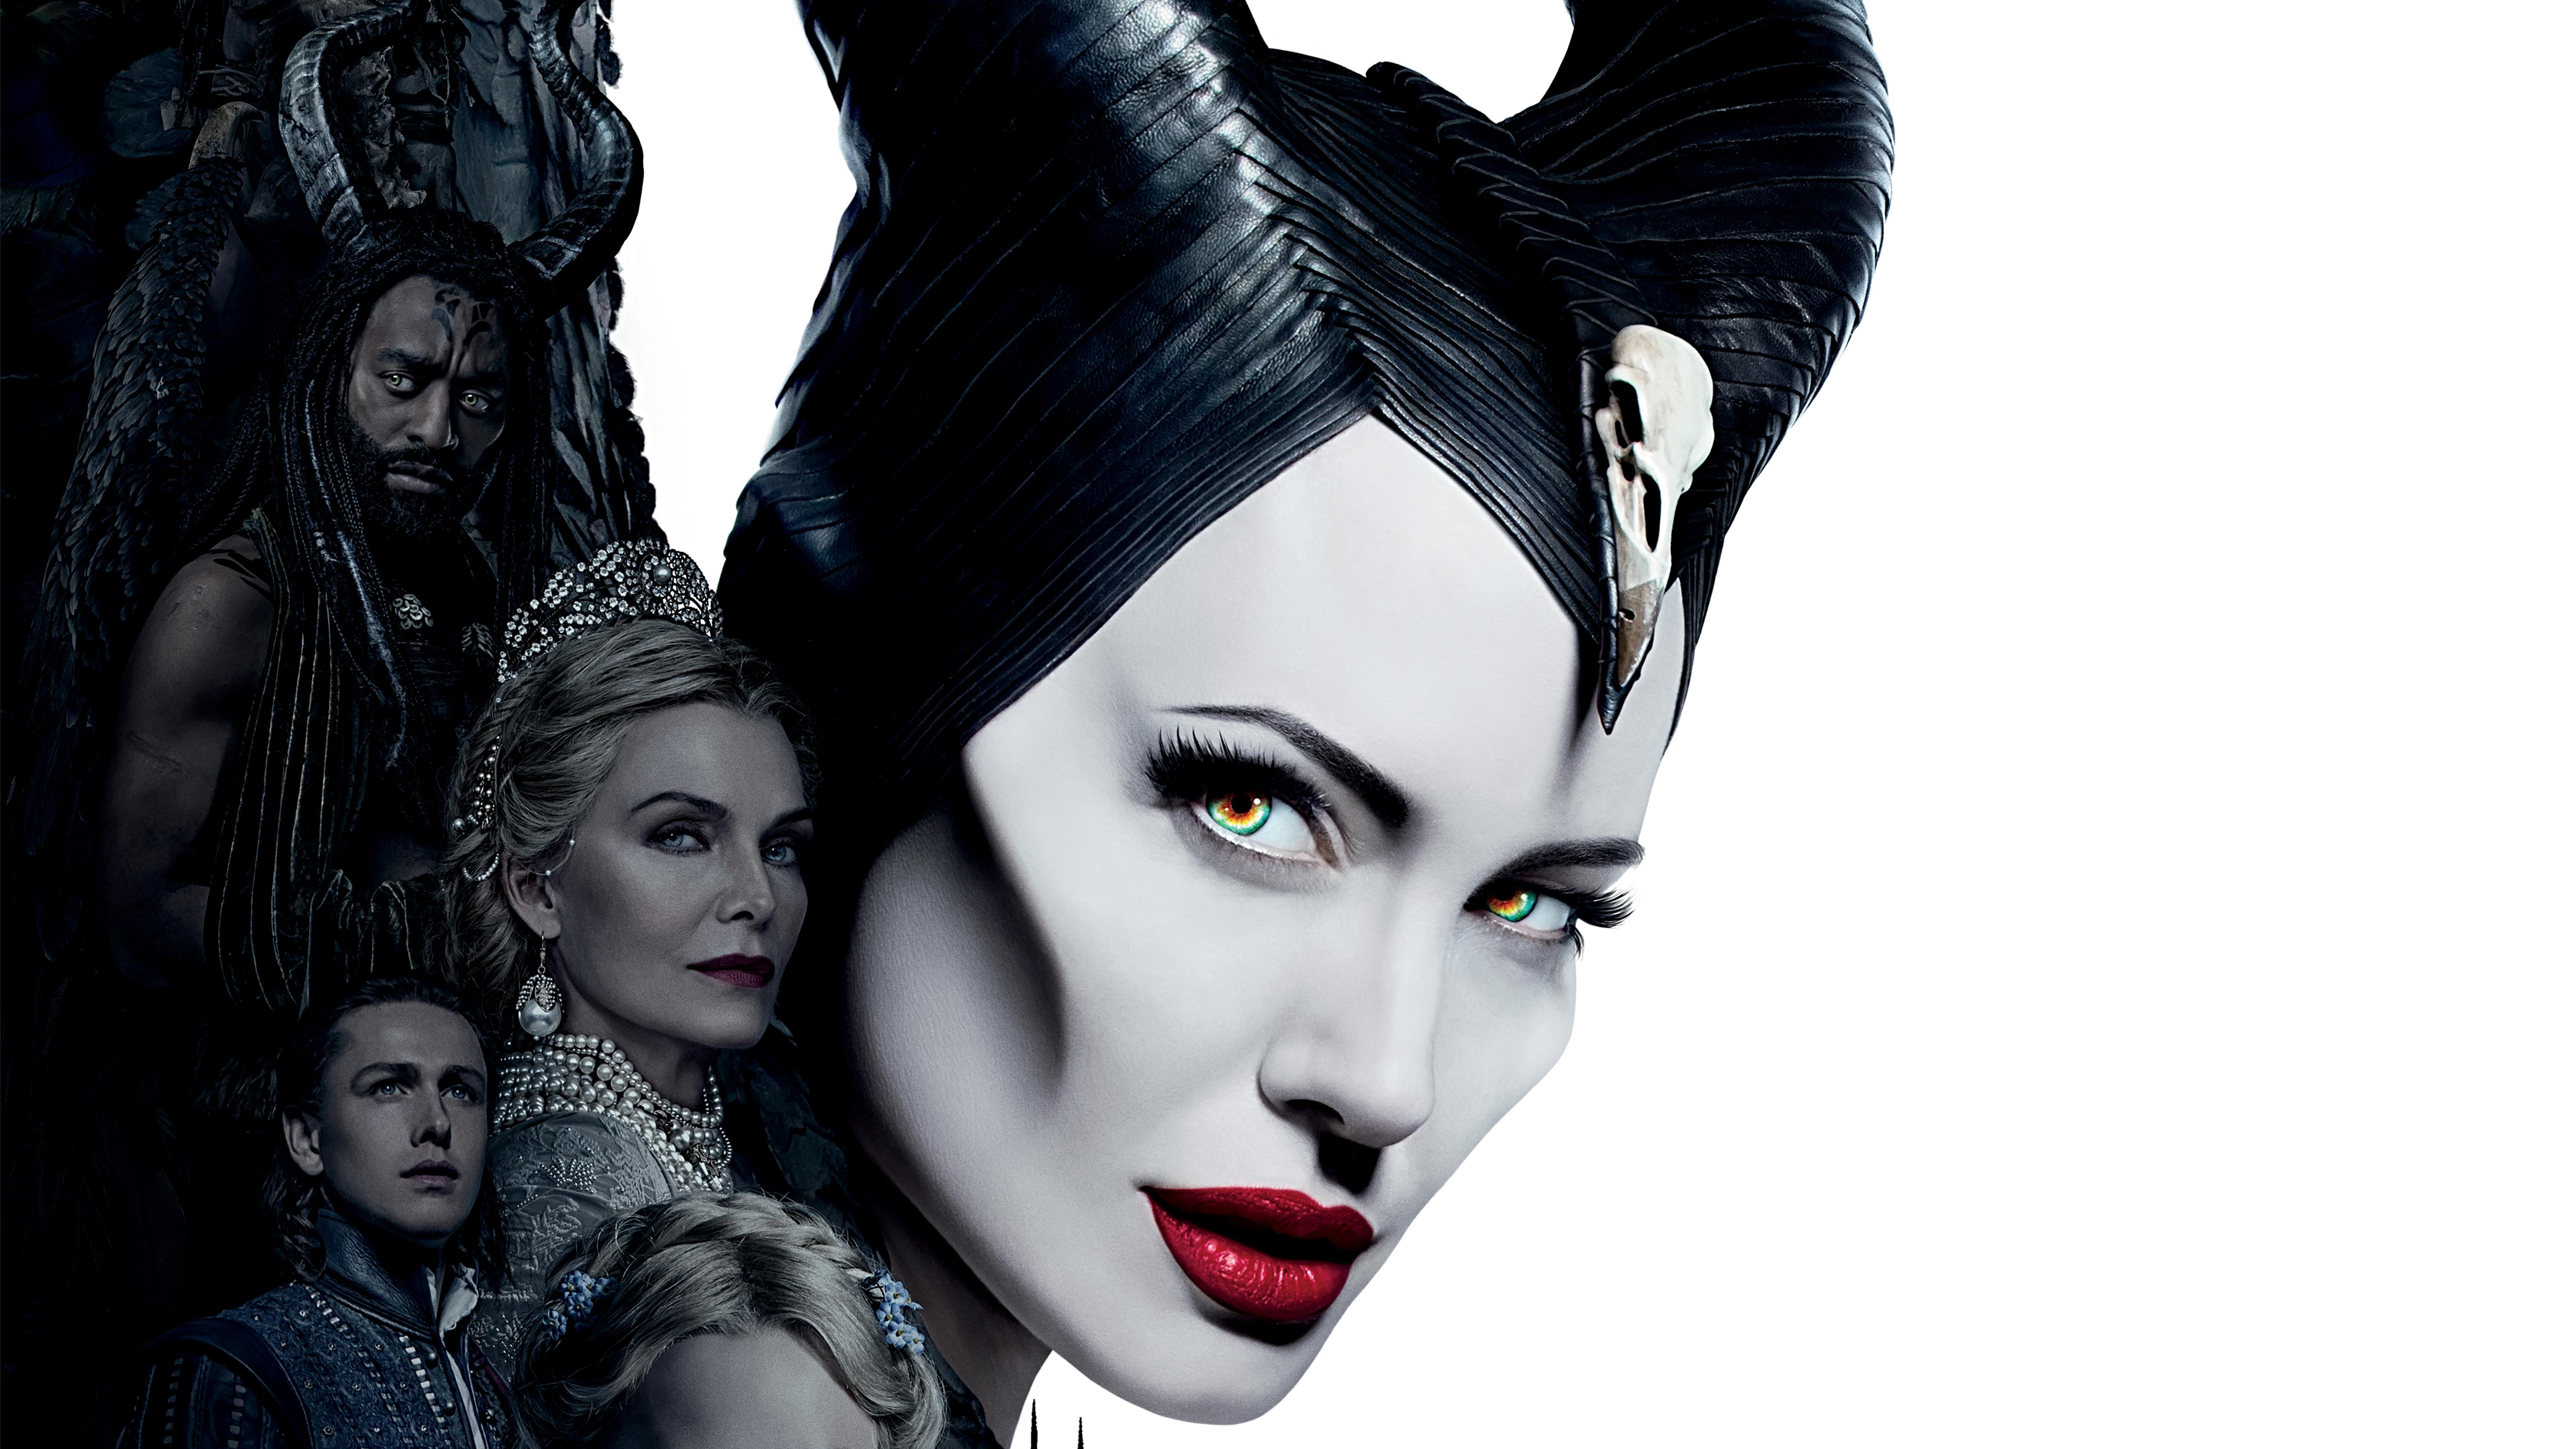 Maleficent Mistress Of Evil 5k Retina Ultra Hd Wallpaper